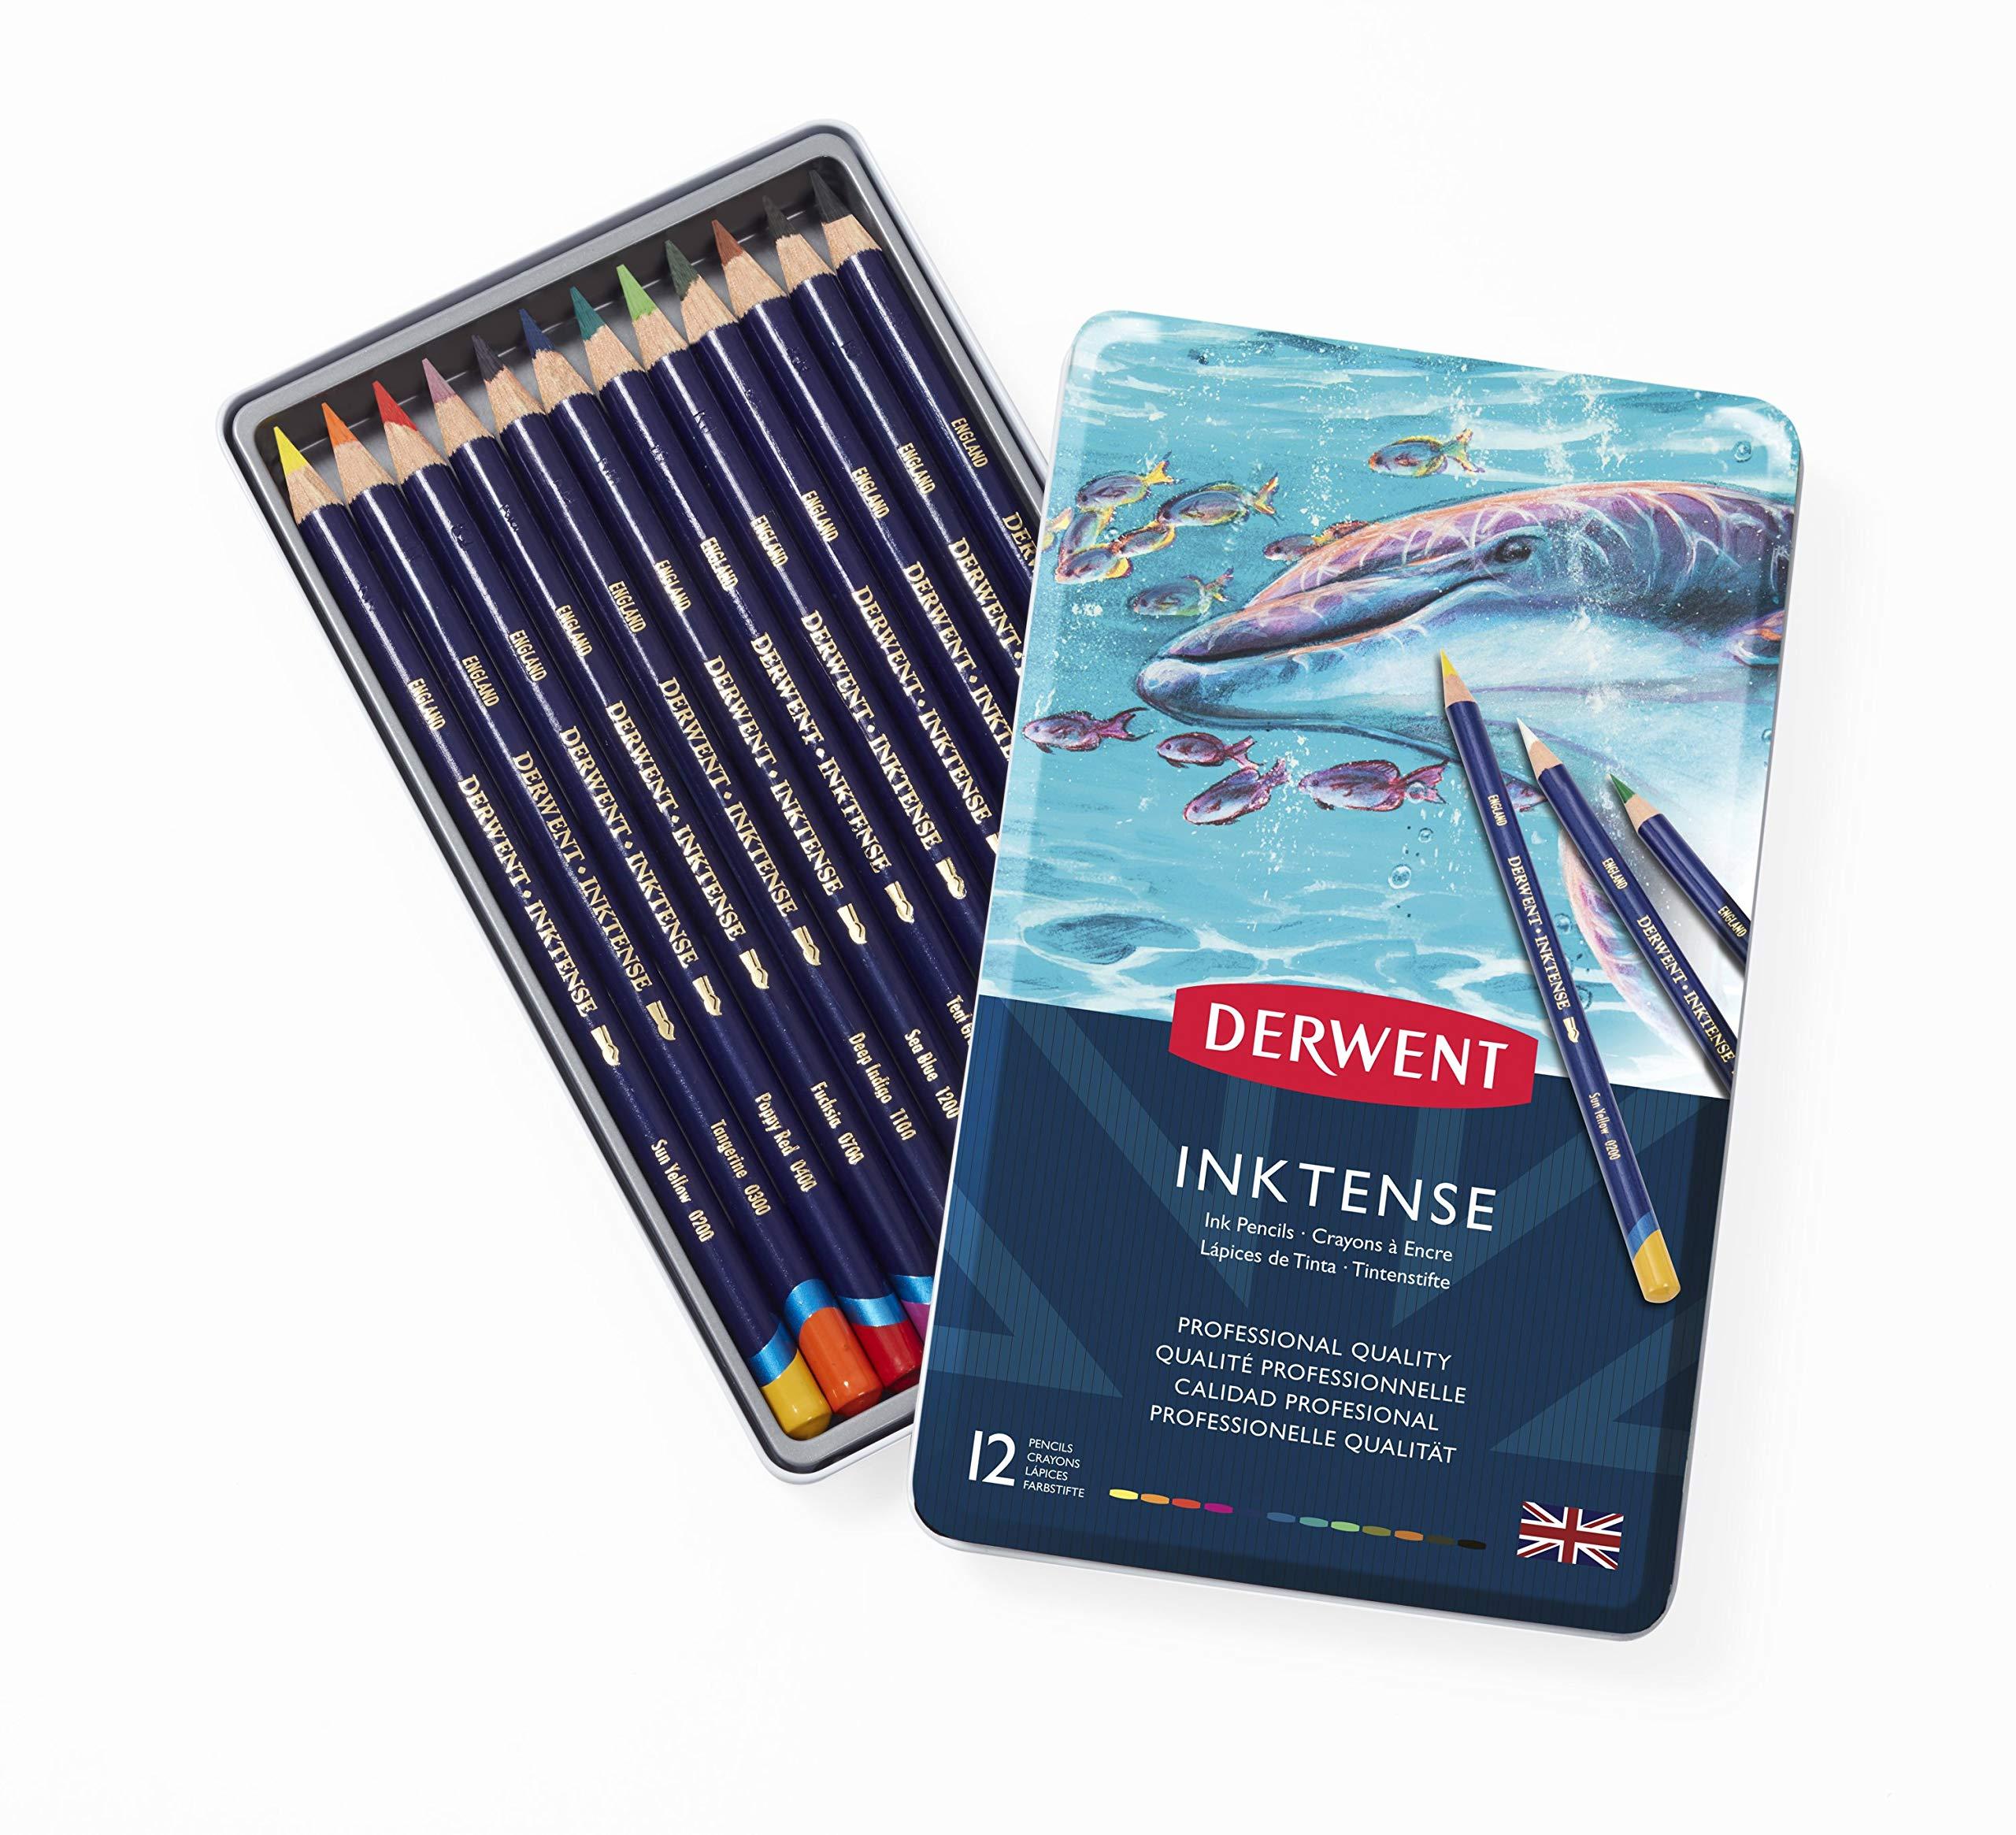 Derwent - Inktense Pencils, 12 Tin